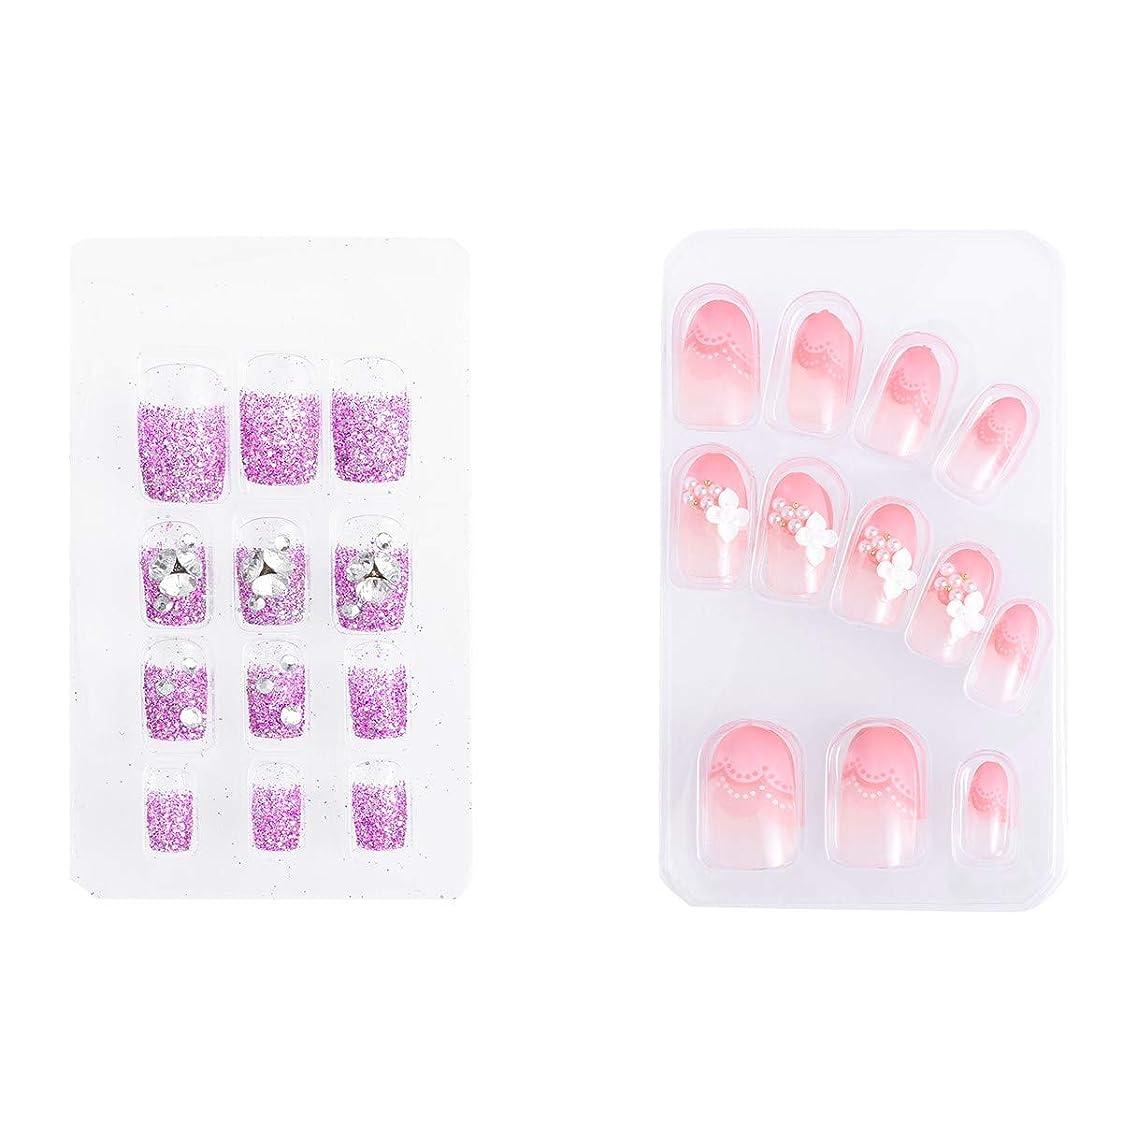 毎週医薬品かすかなFrcolor ネイルチップ 手作りネイルチップ 中等長さ ラインストーン ネイルアート 3D デコレーション 結婚式 パーティー 二次会 両面接着 2種類 48枚入